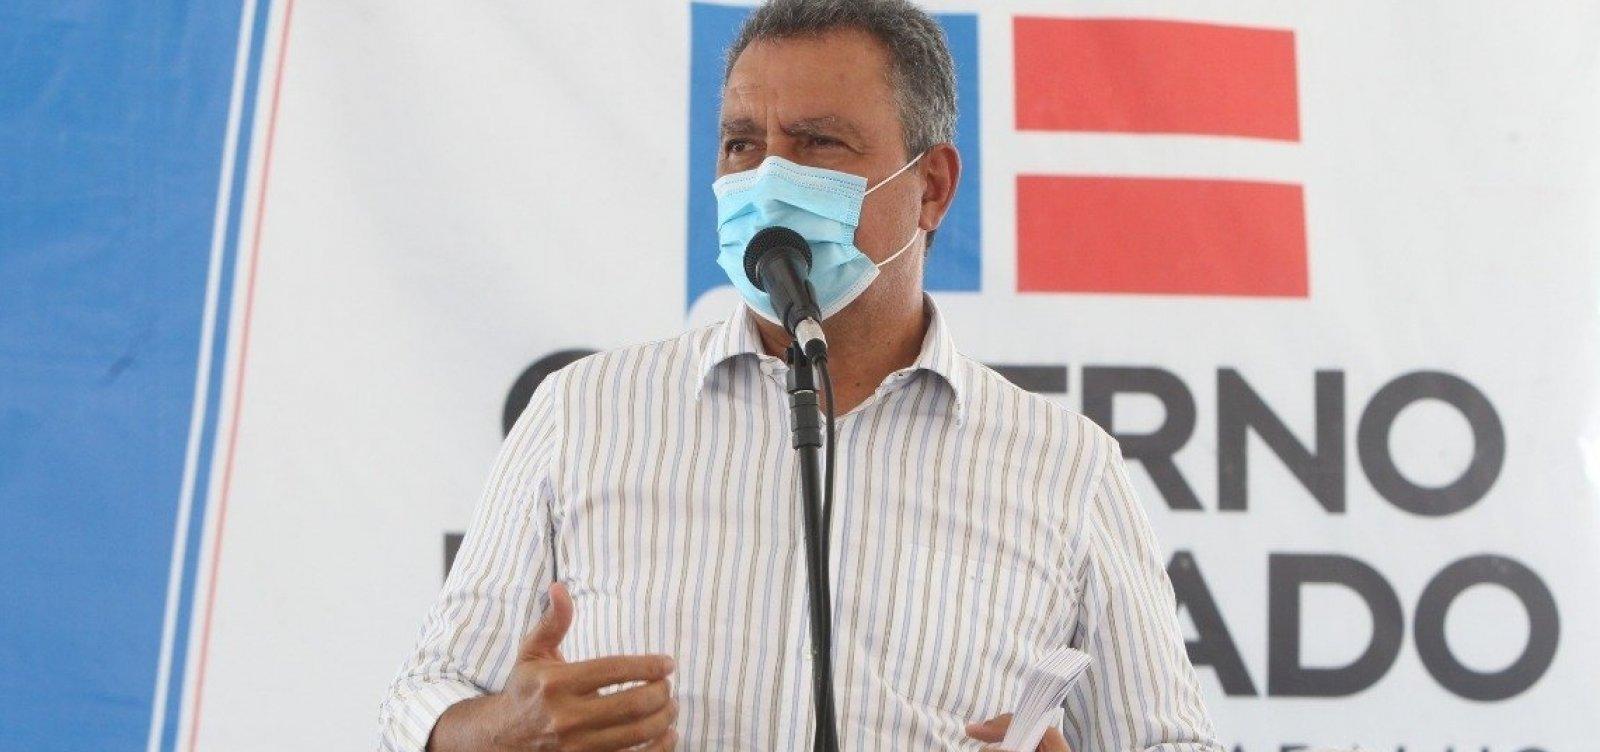 ['Se o governo federal não comprar, o Estado da Bahia vai comprar a vacina', afirma governador Rui Costa]